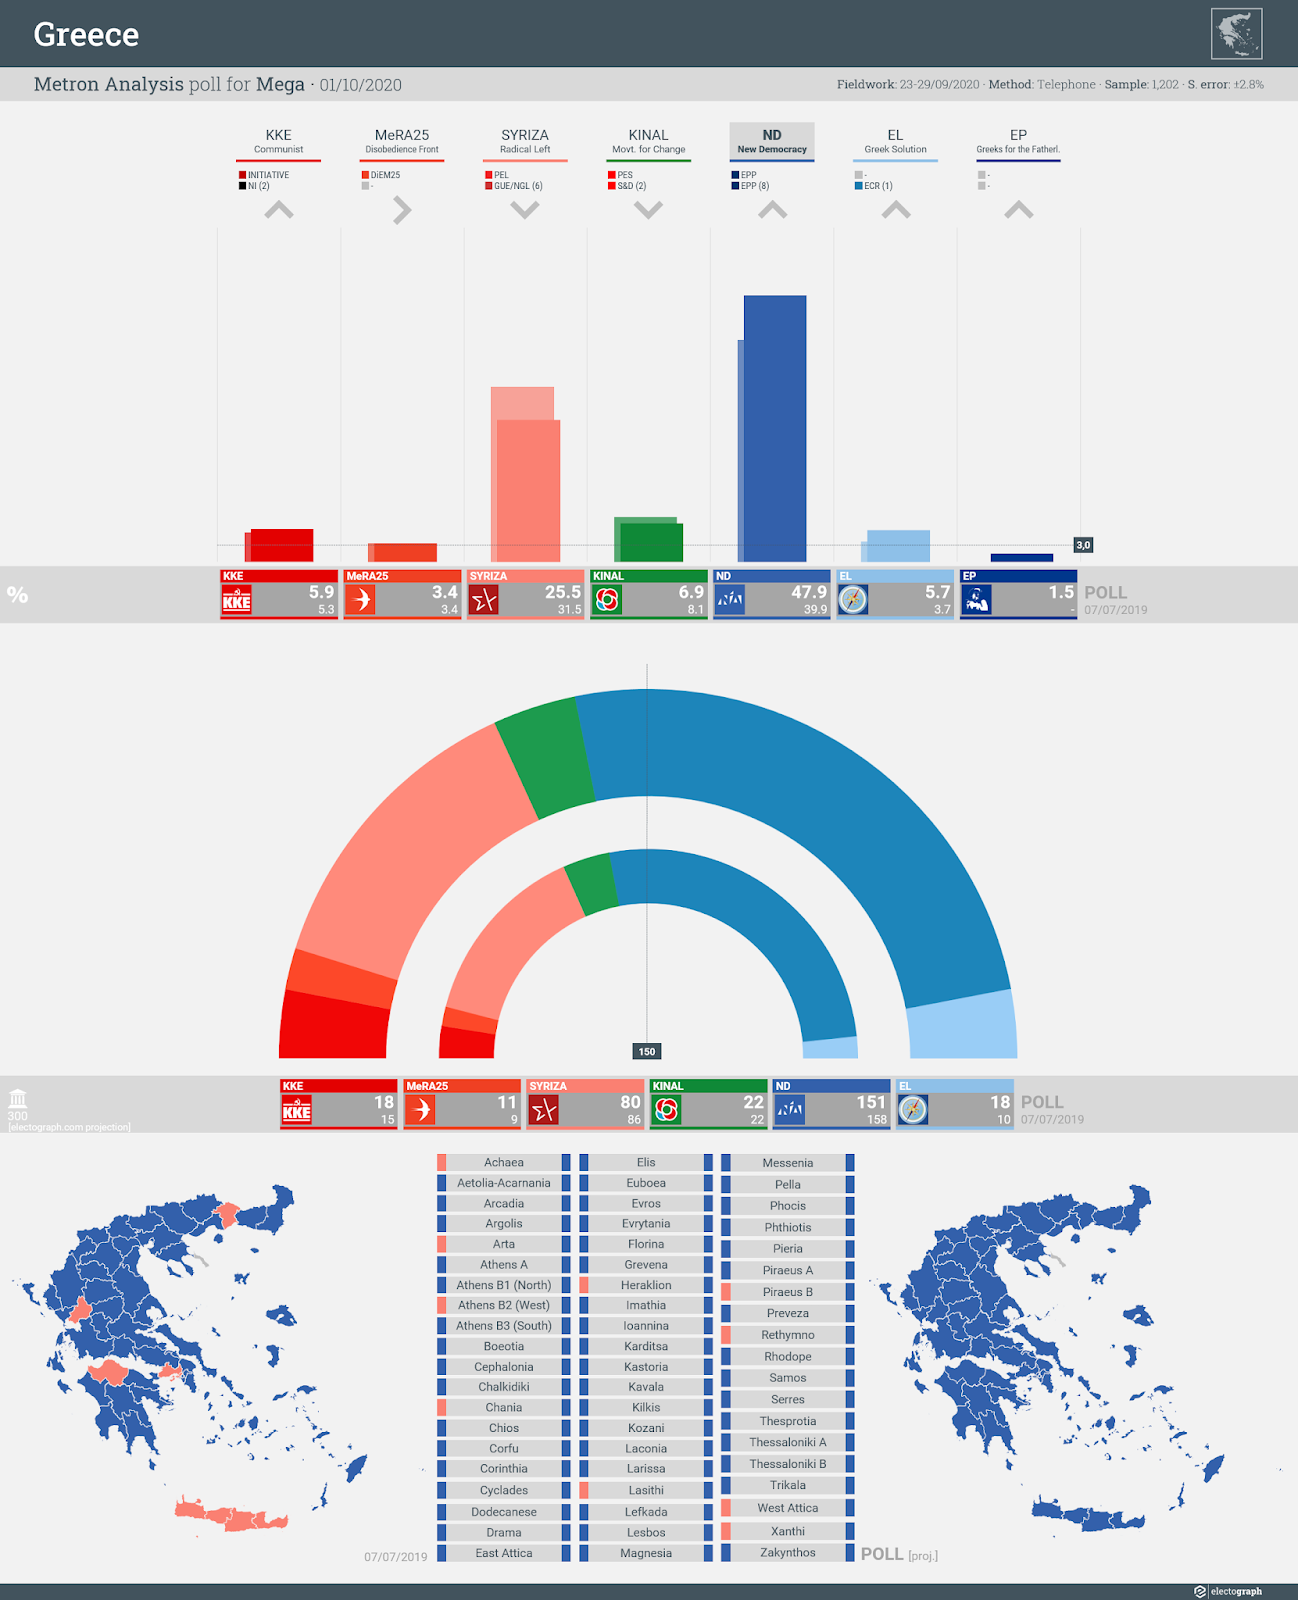 GREECE: Metron Analysis poll chart for Mega TV, 1 October 2020